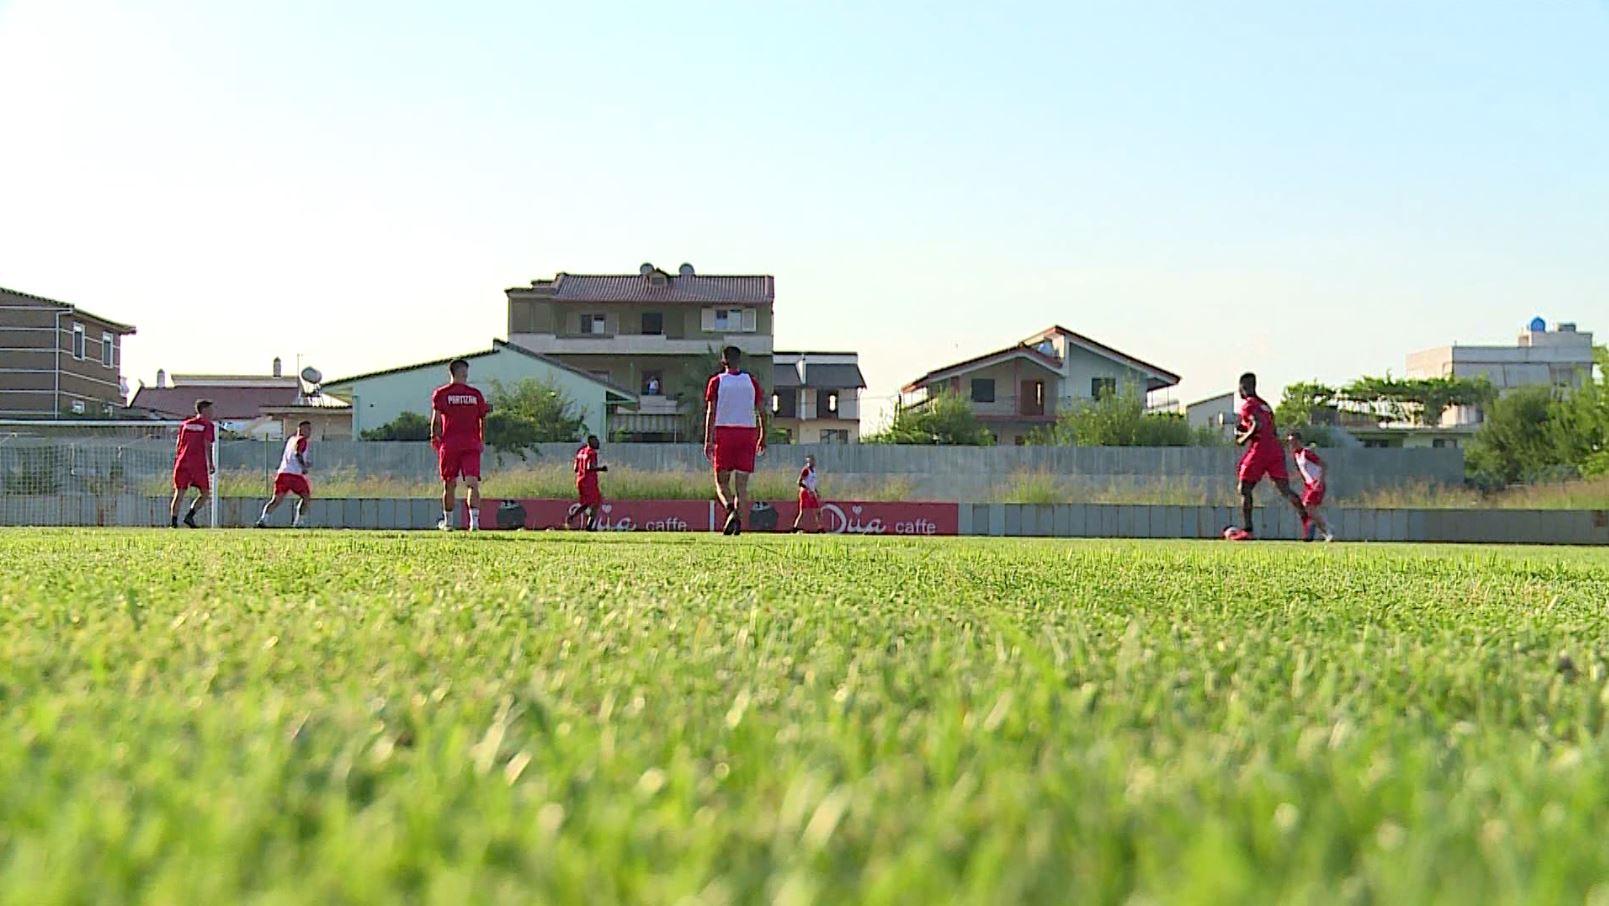 Partizani synon një kualifikim të vështirë në ligën e kampioneve